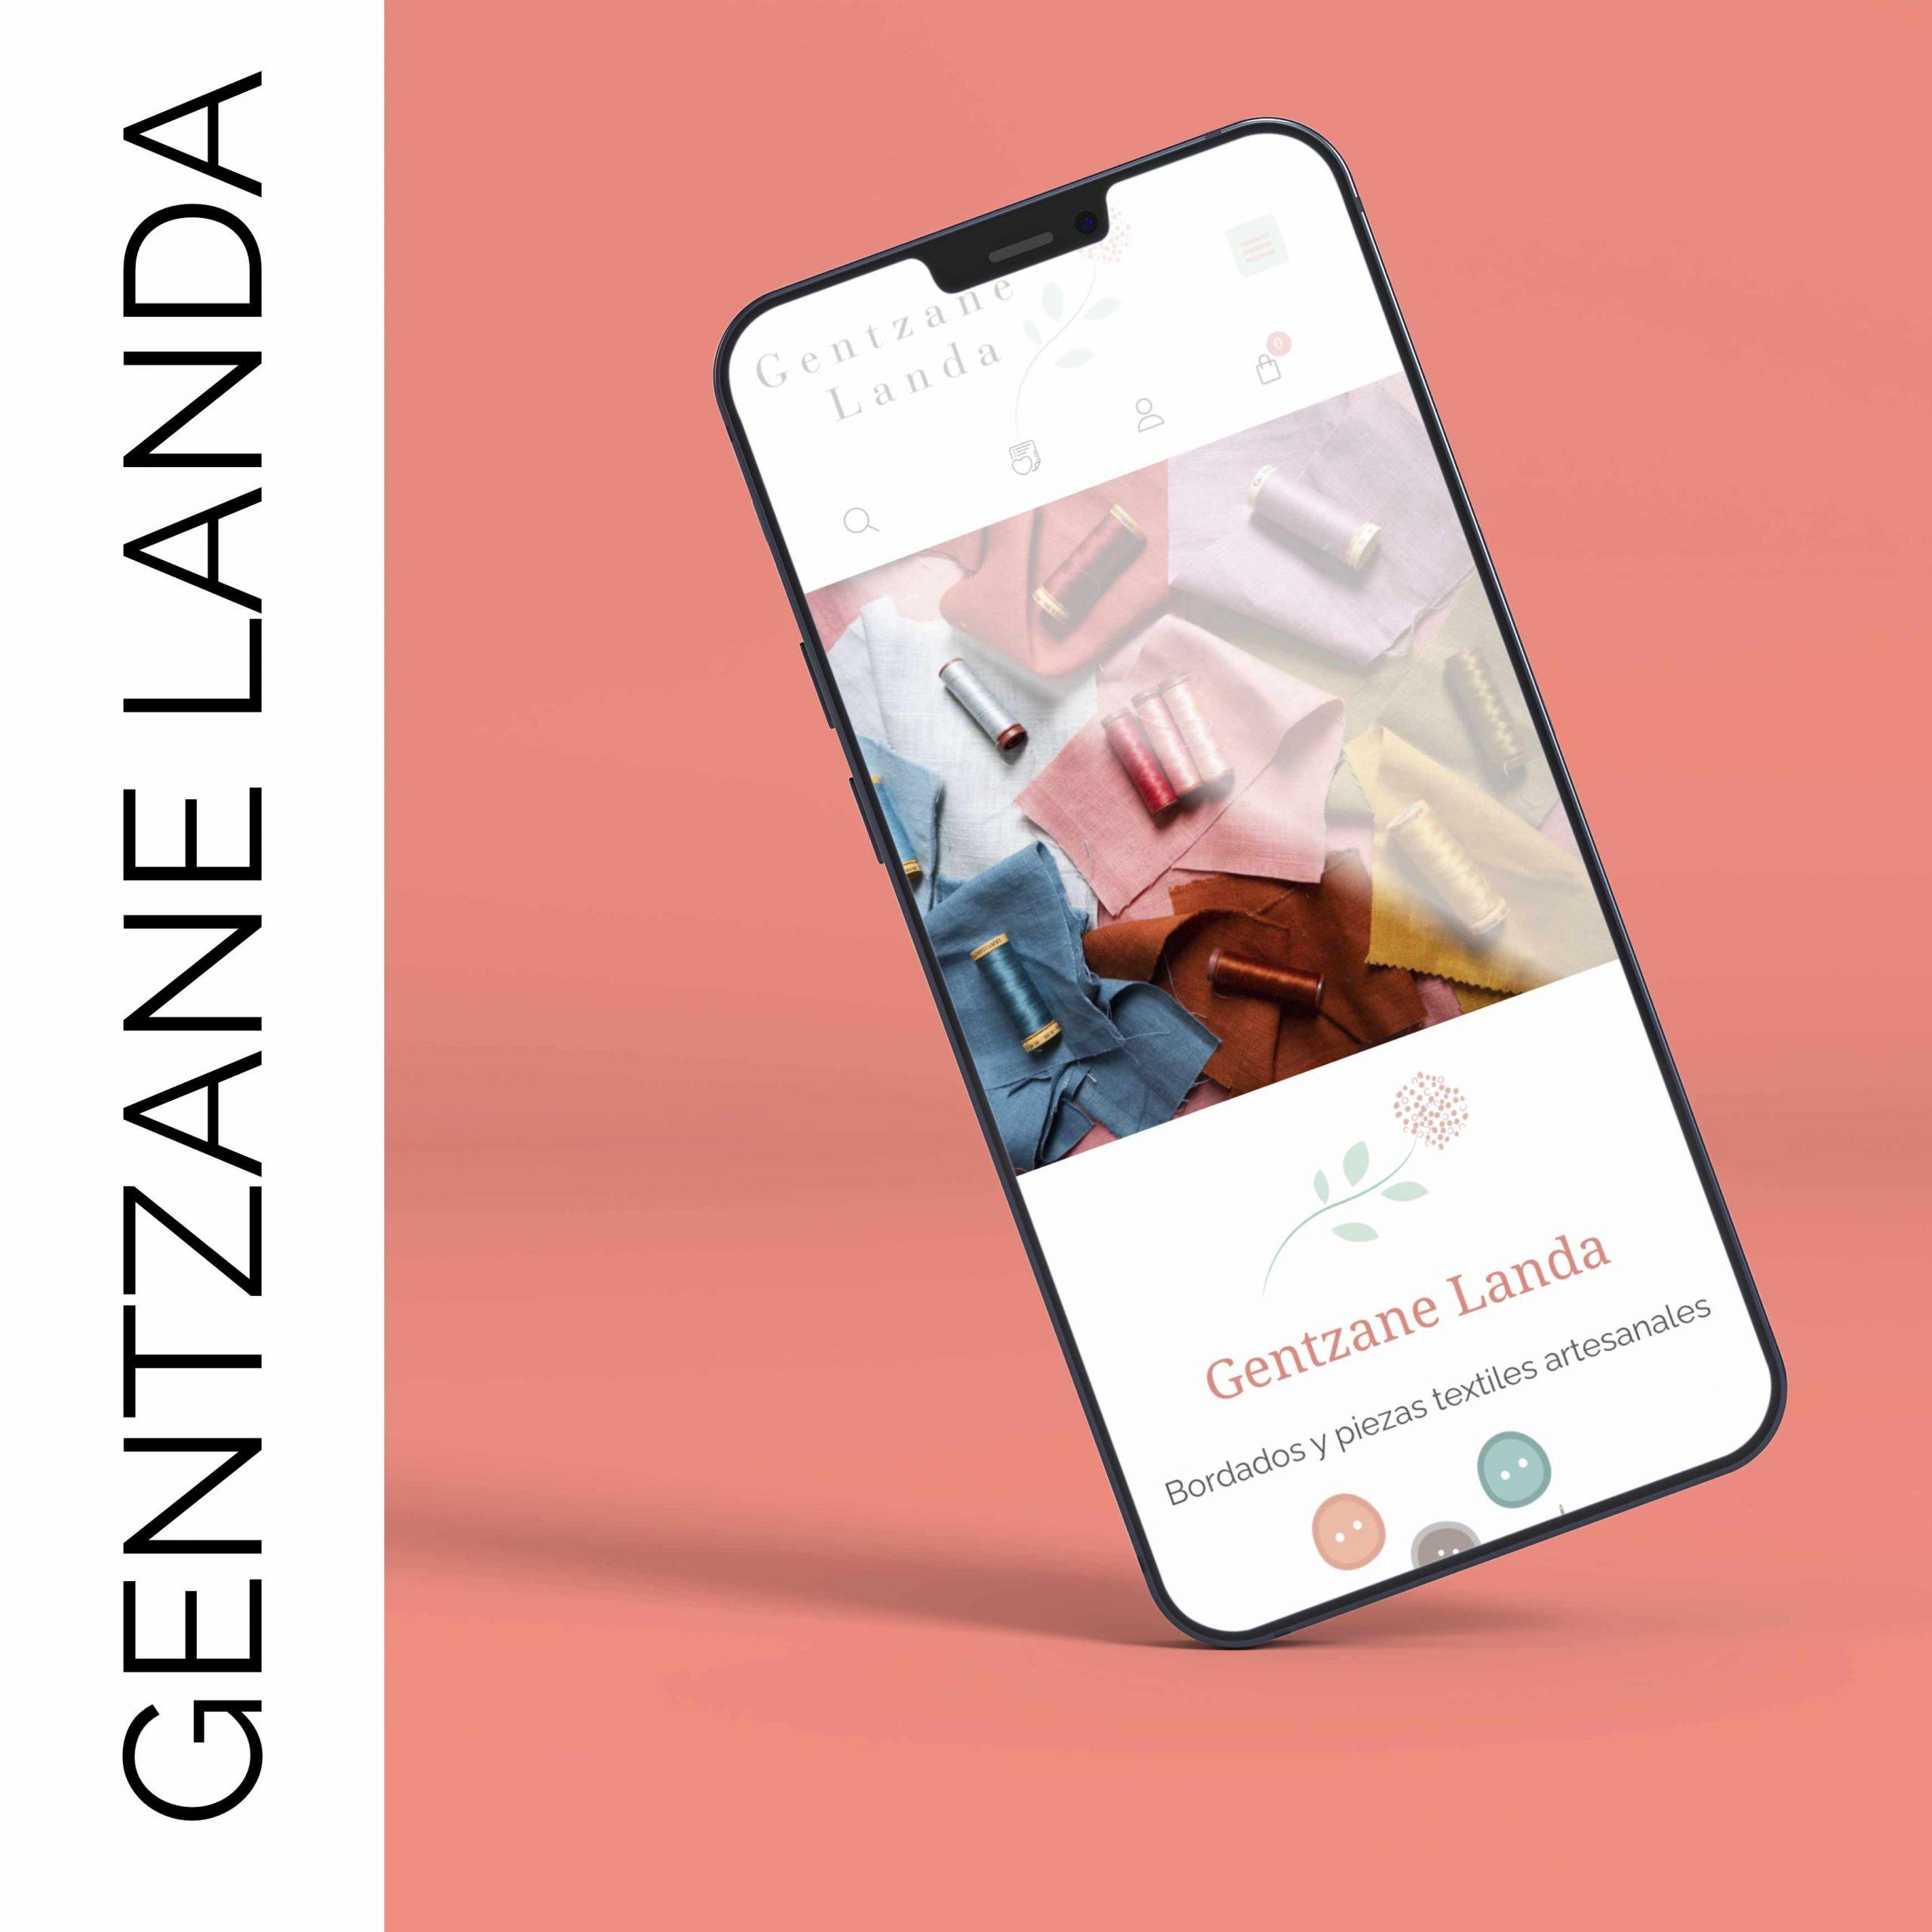 Diseño y desarrollo Gentzane Landa